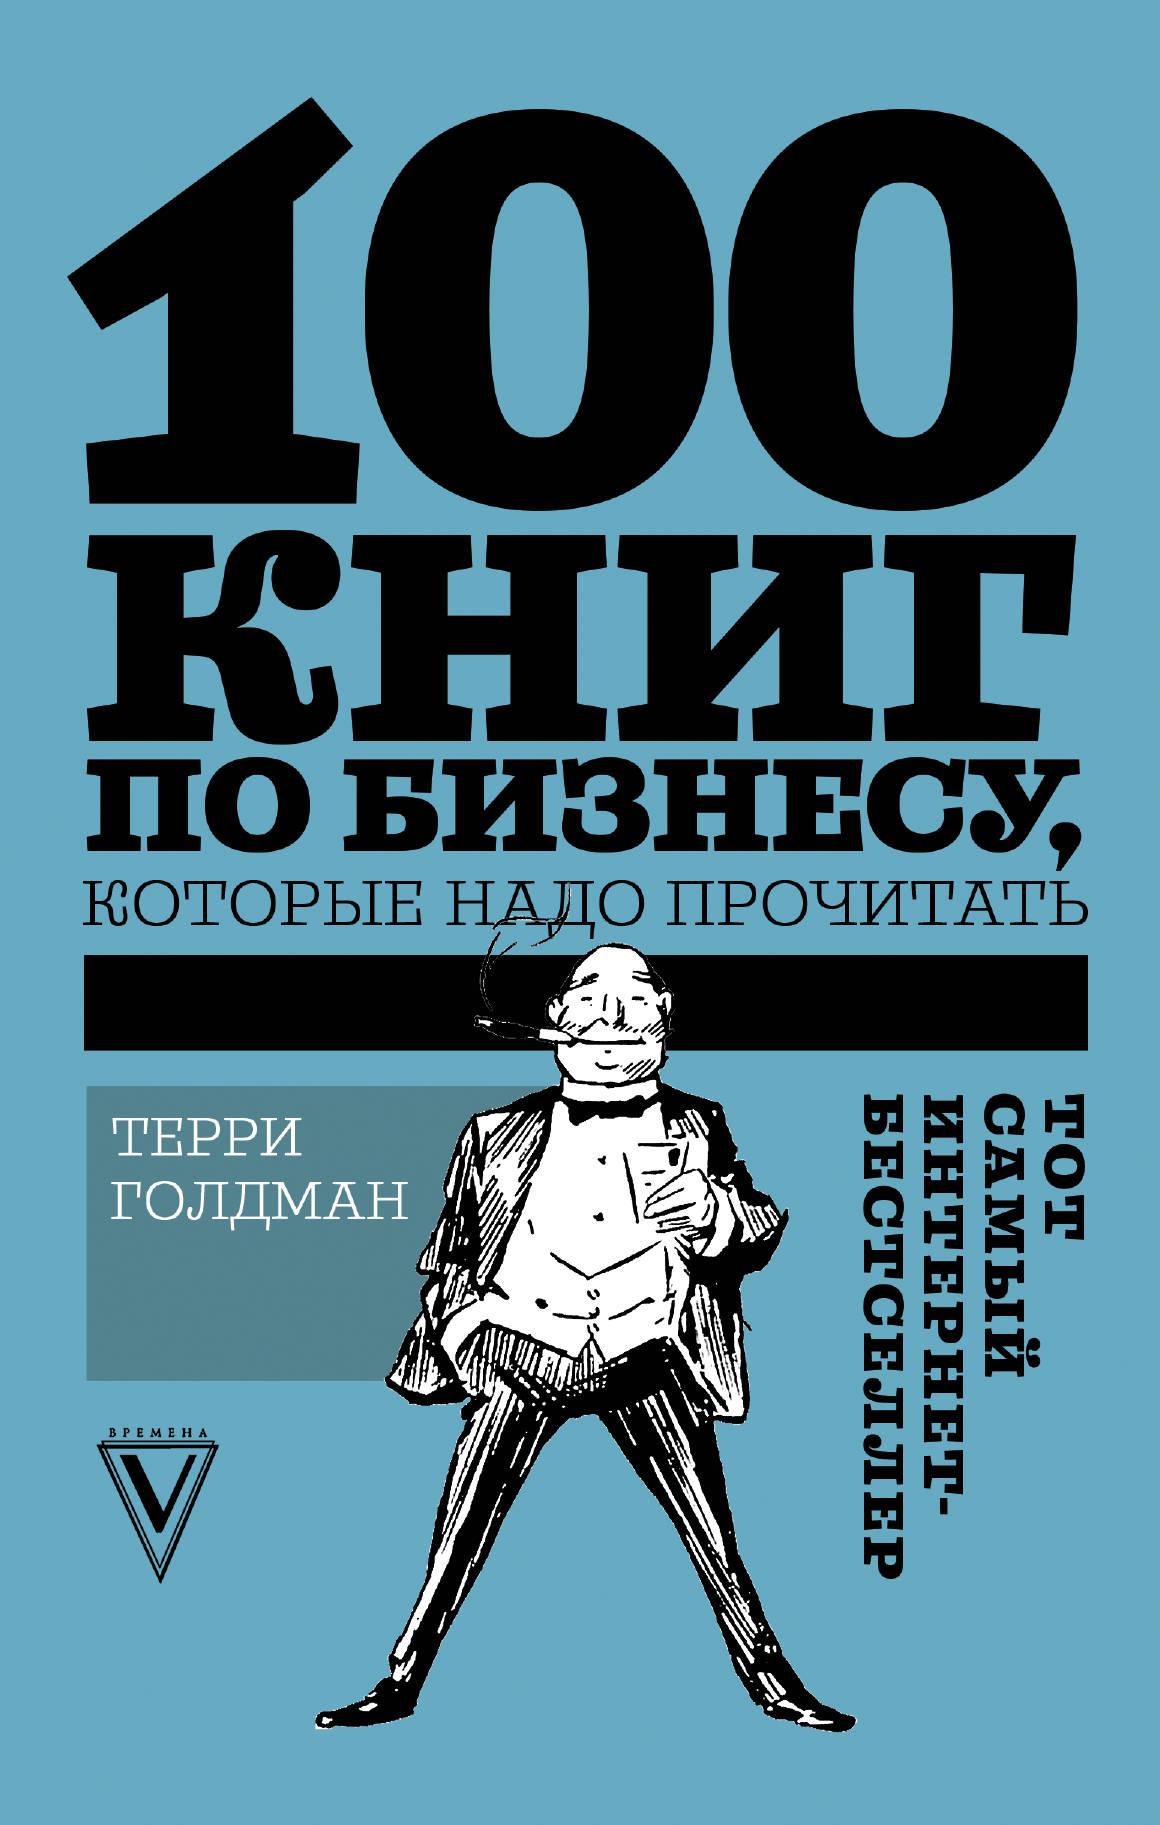 100 книг по бизнесу, которые надо прочитать ( Терри Голдман  )